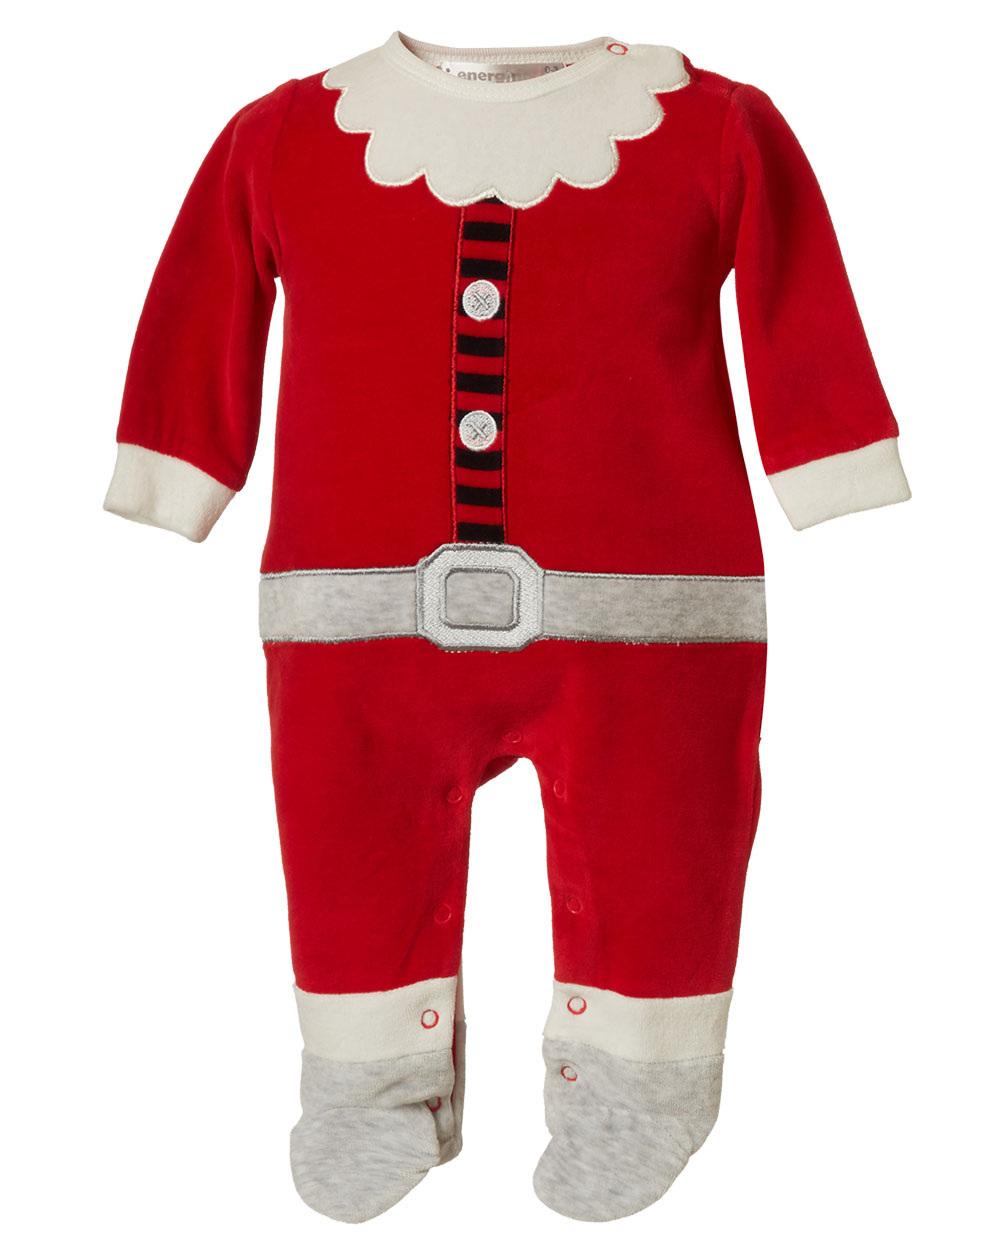 Χριστουγεννιάτικο φορμάκι 14-119430-9 - Κόκκινο - 15679-11/12/19/114